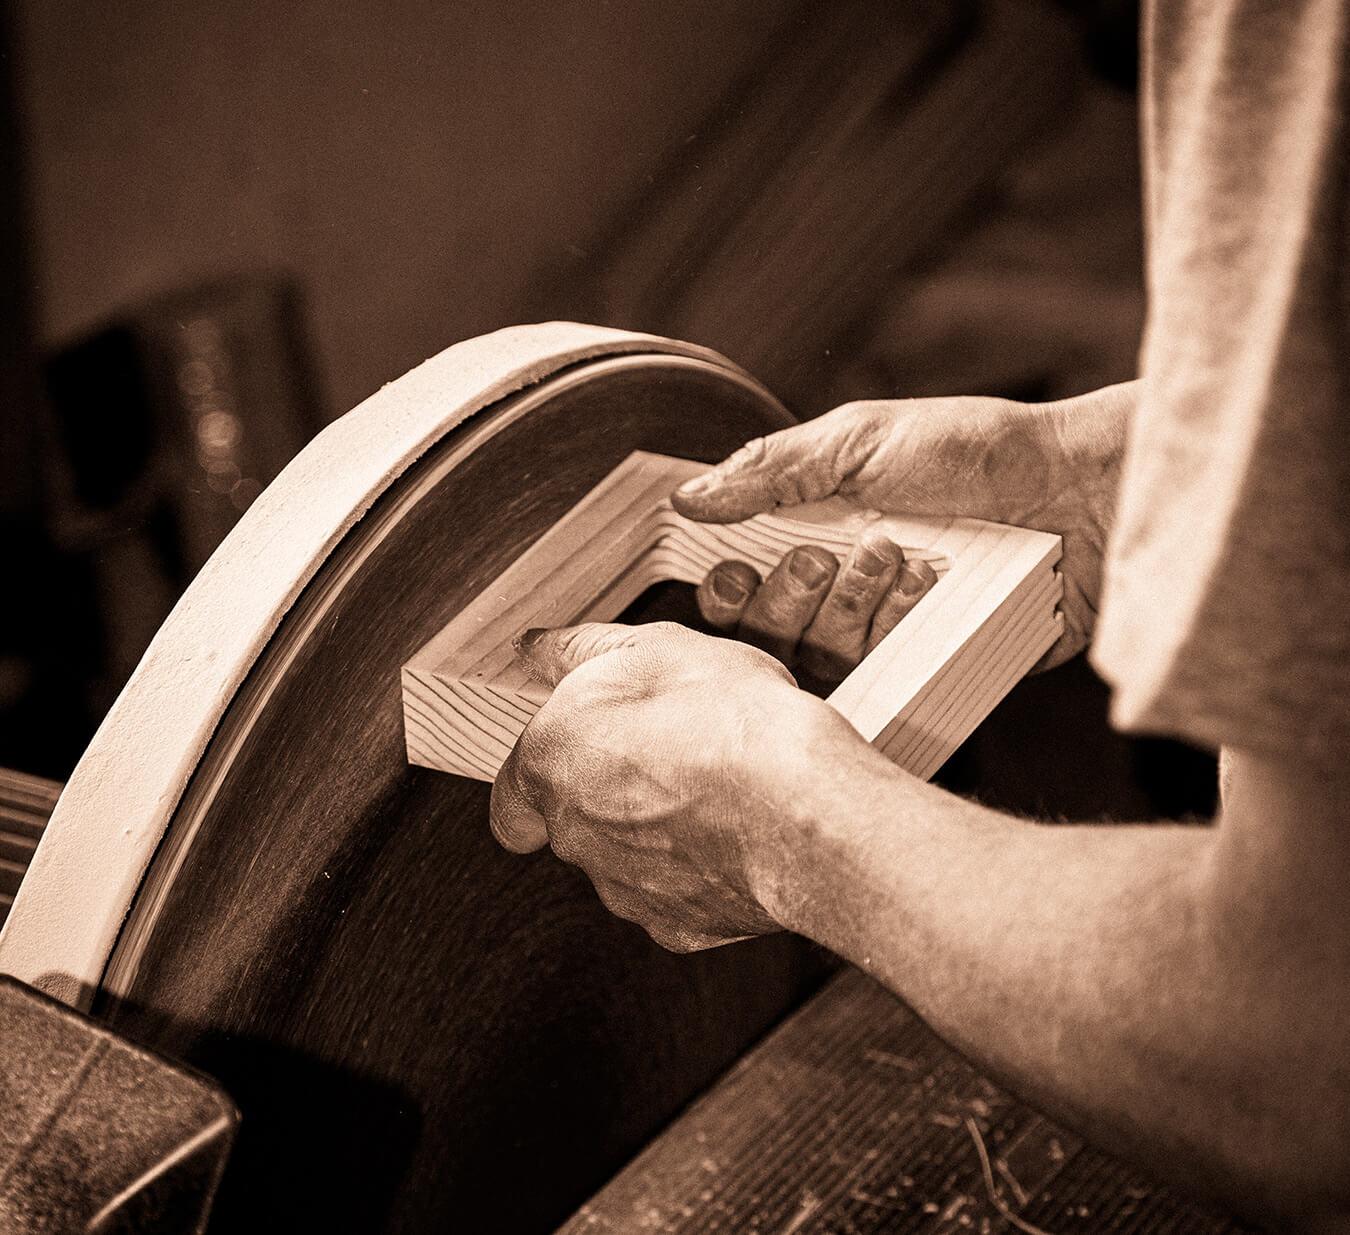 Artigiano all'opera in falegnameria